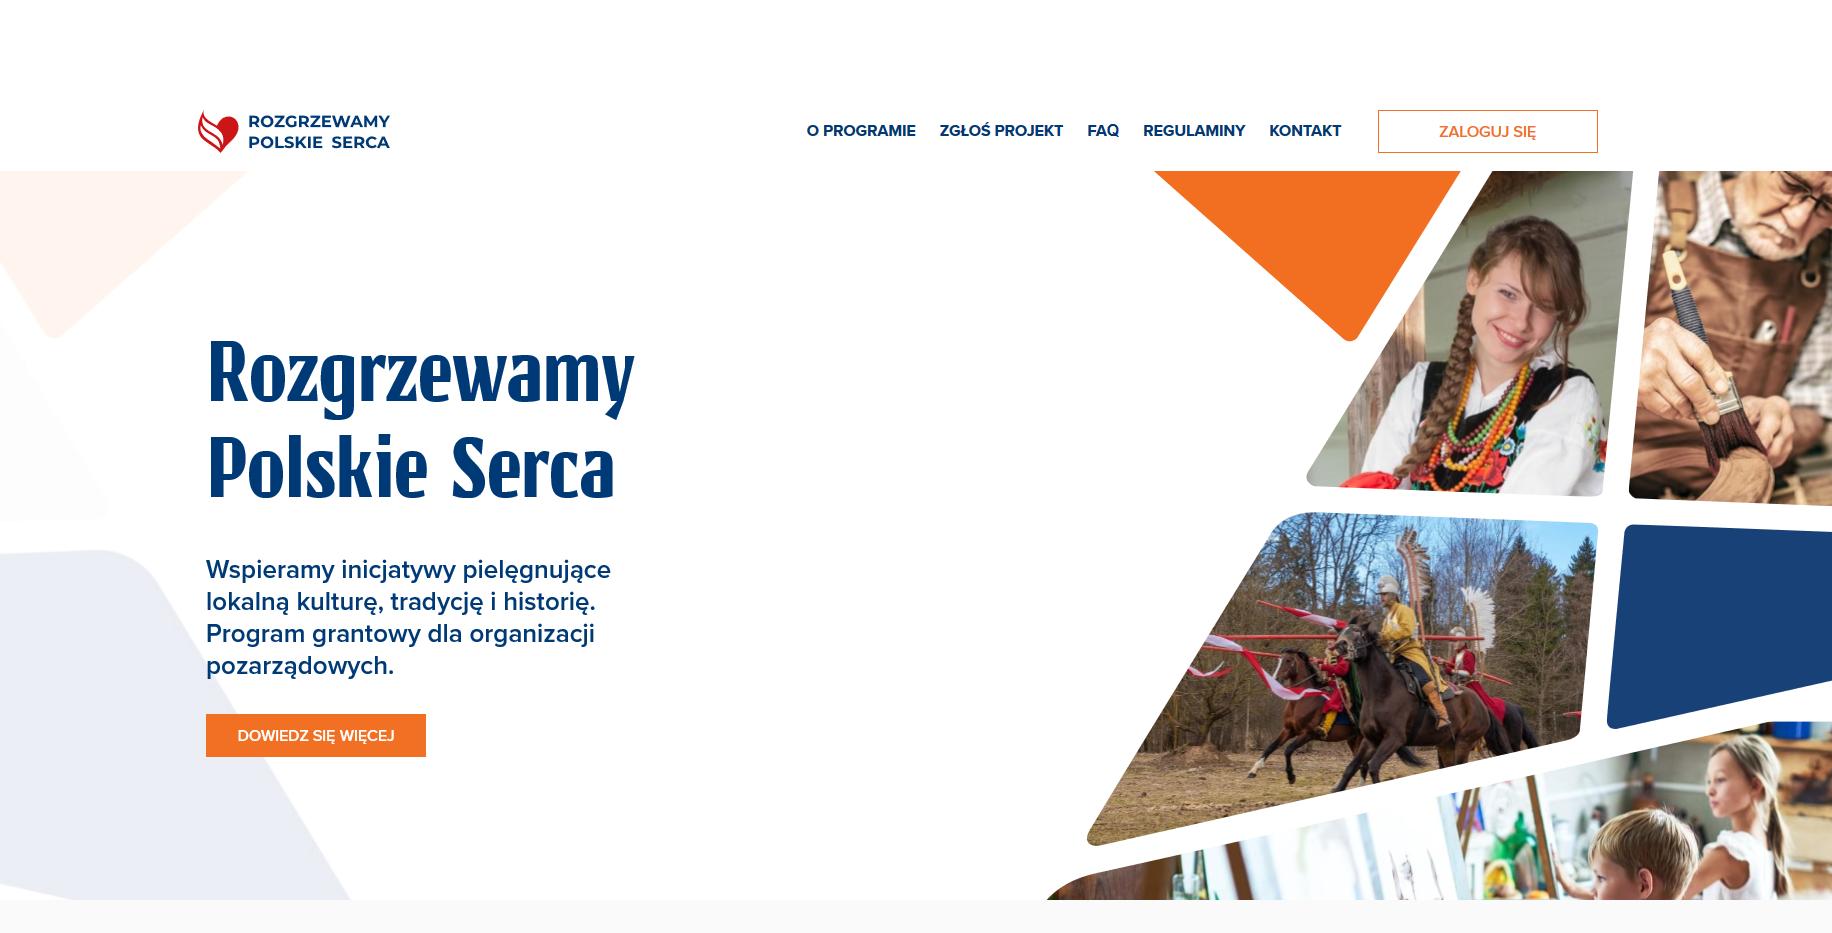 Program grantowy Rozgrzewamy Polskie Serca